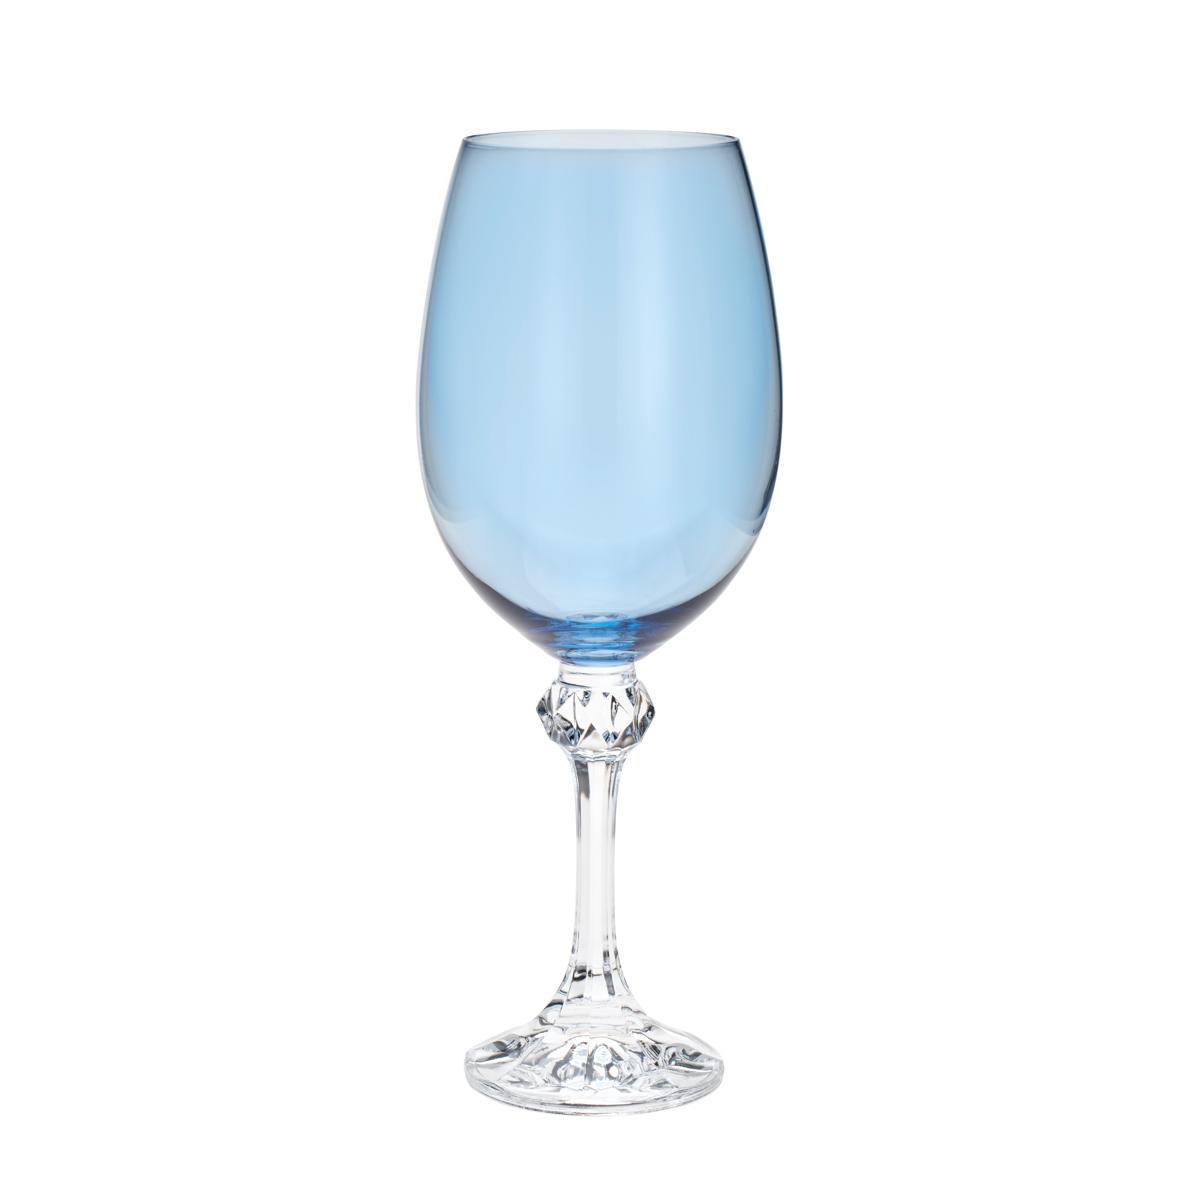 Jogo de 6 Taças para Vinho em Cristal Ecológico Bohemia Elisa Island Paradise Azul 450ml